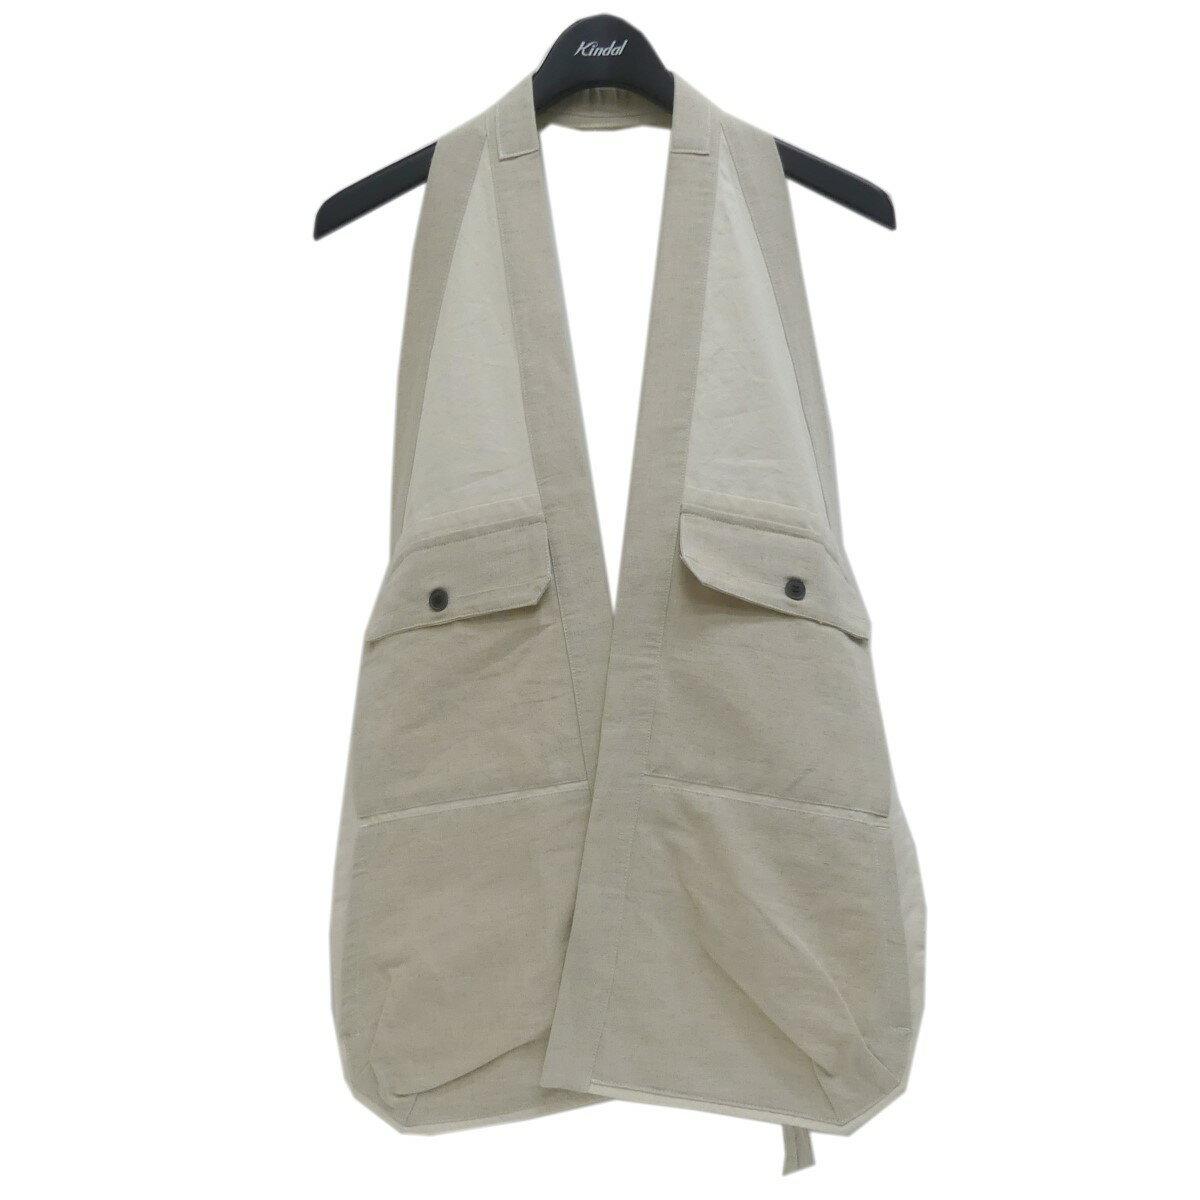 トップス, ベスト・ジレ JAN-JAN VAN ESSCHE Natural Banboo Cloth M 190221